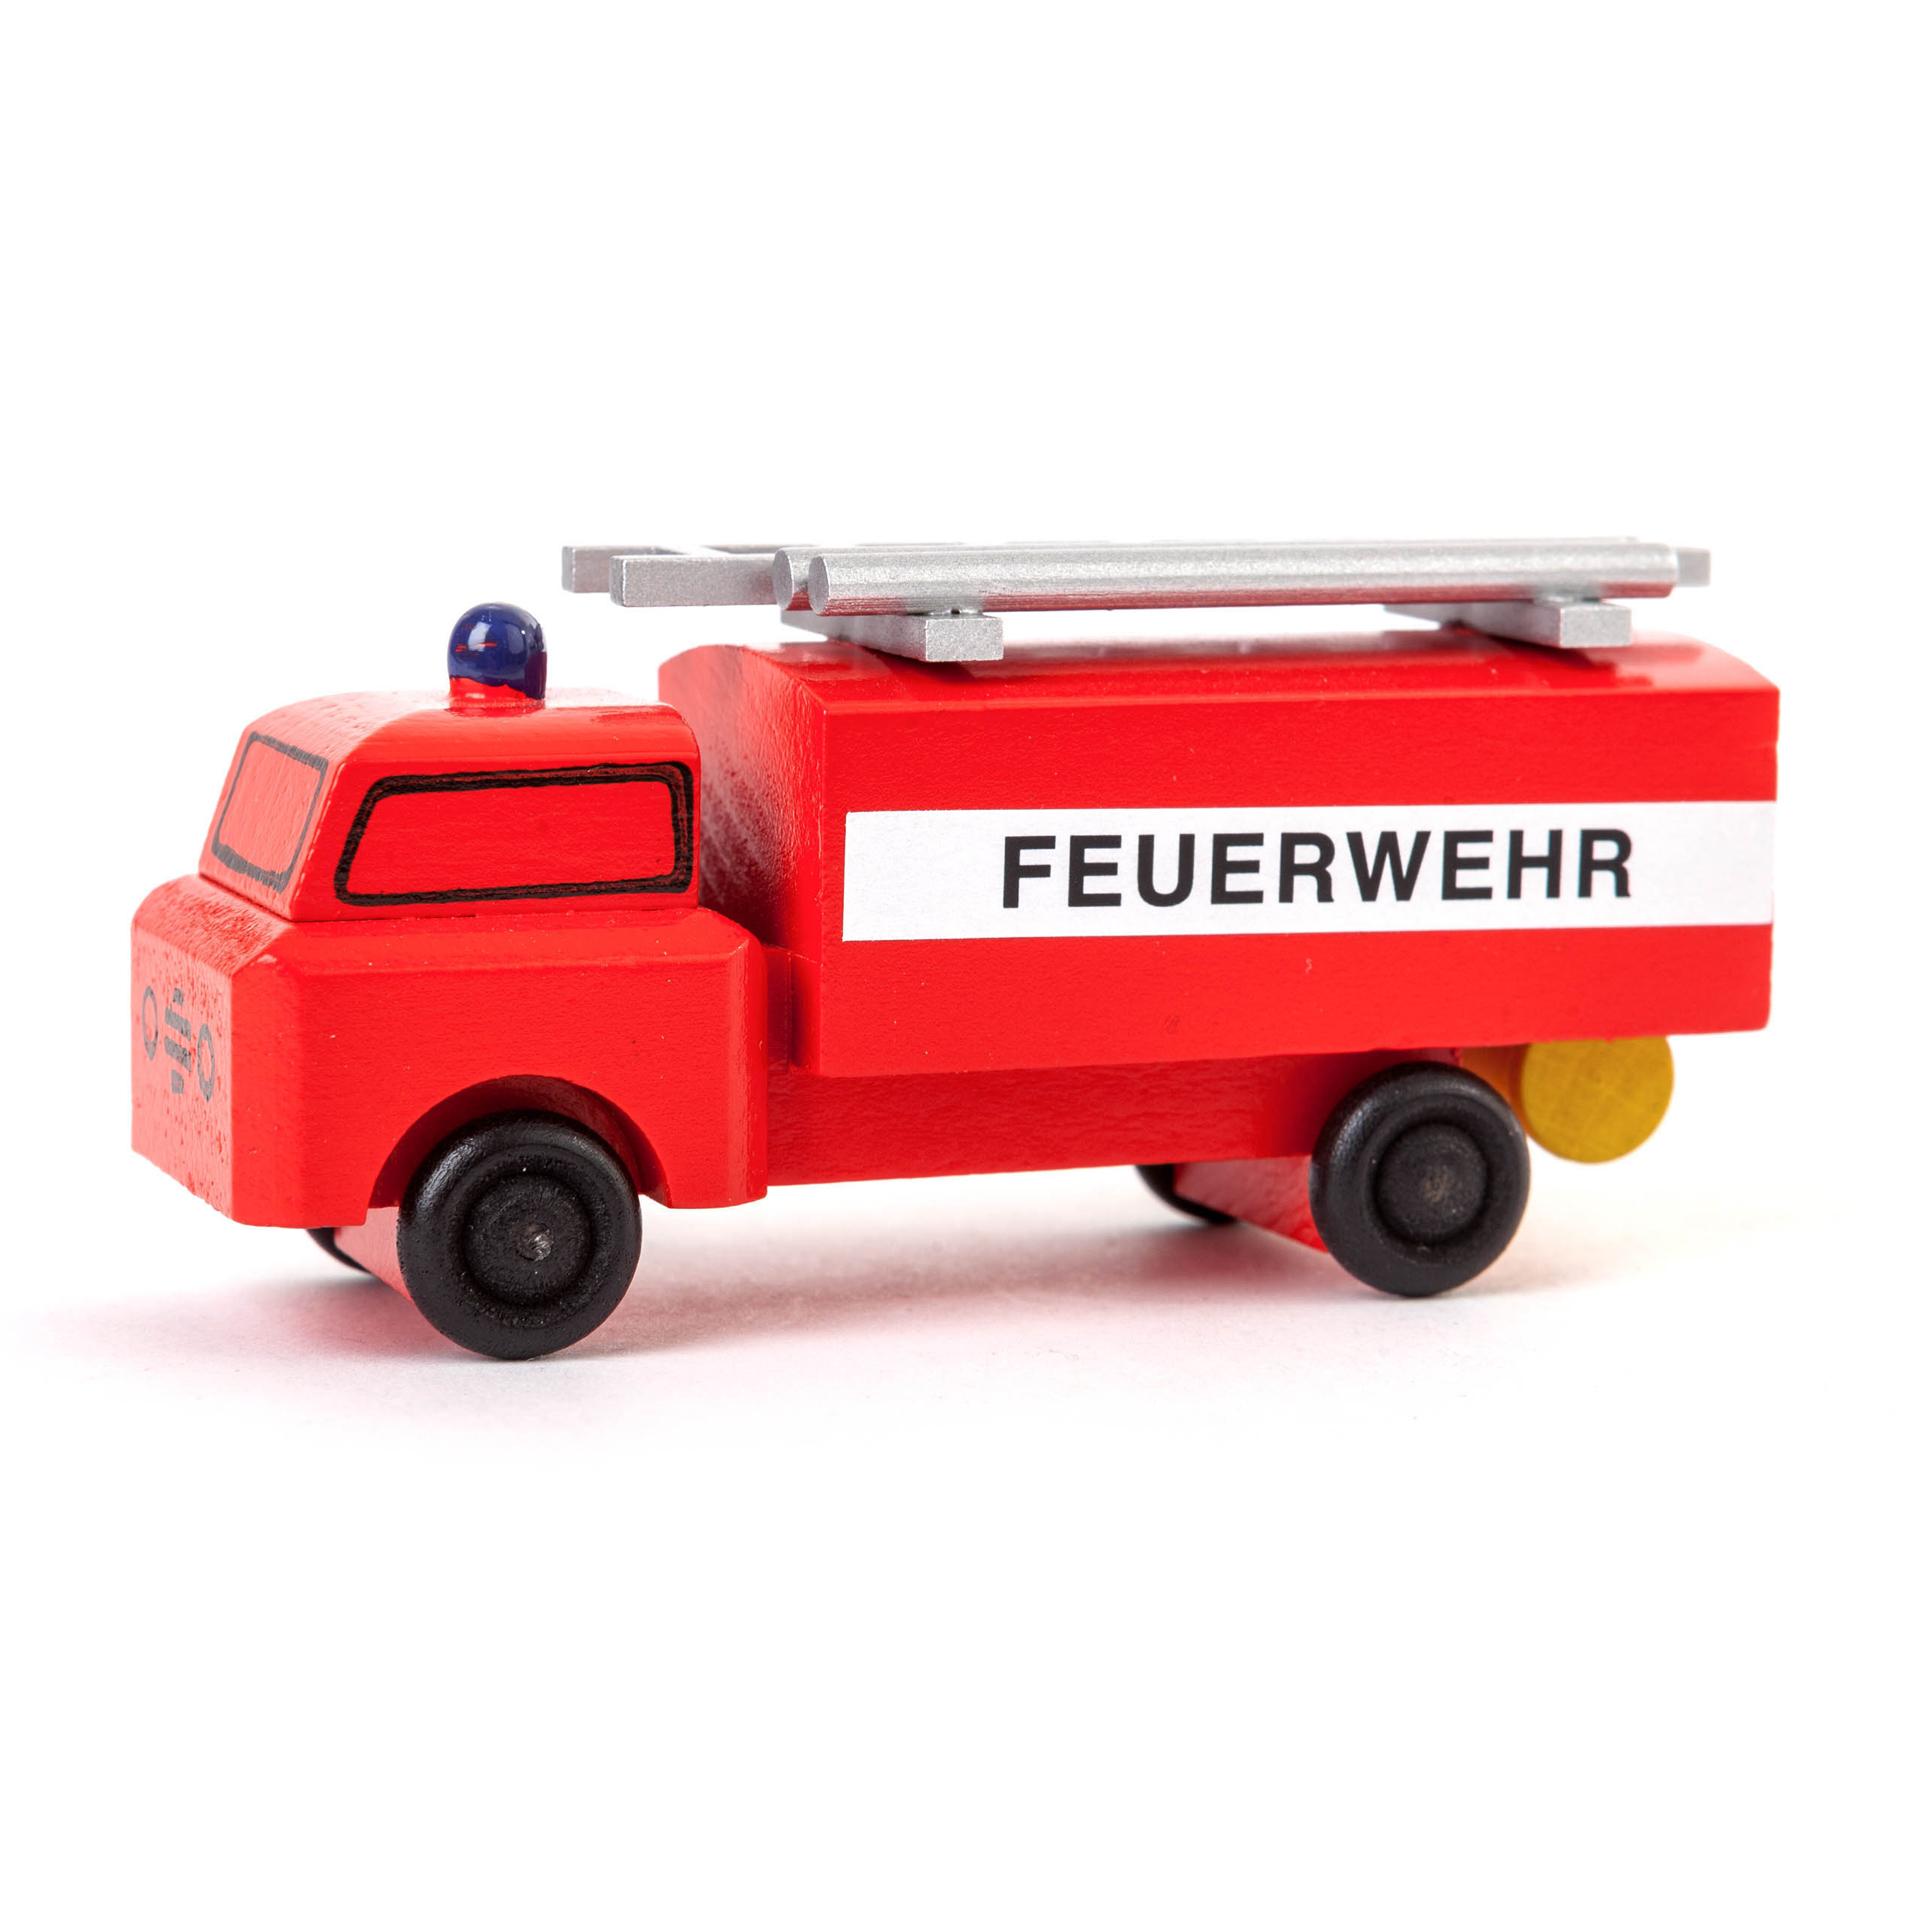 Feuerwehrgerätewagen